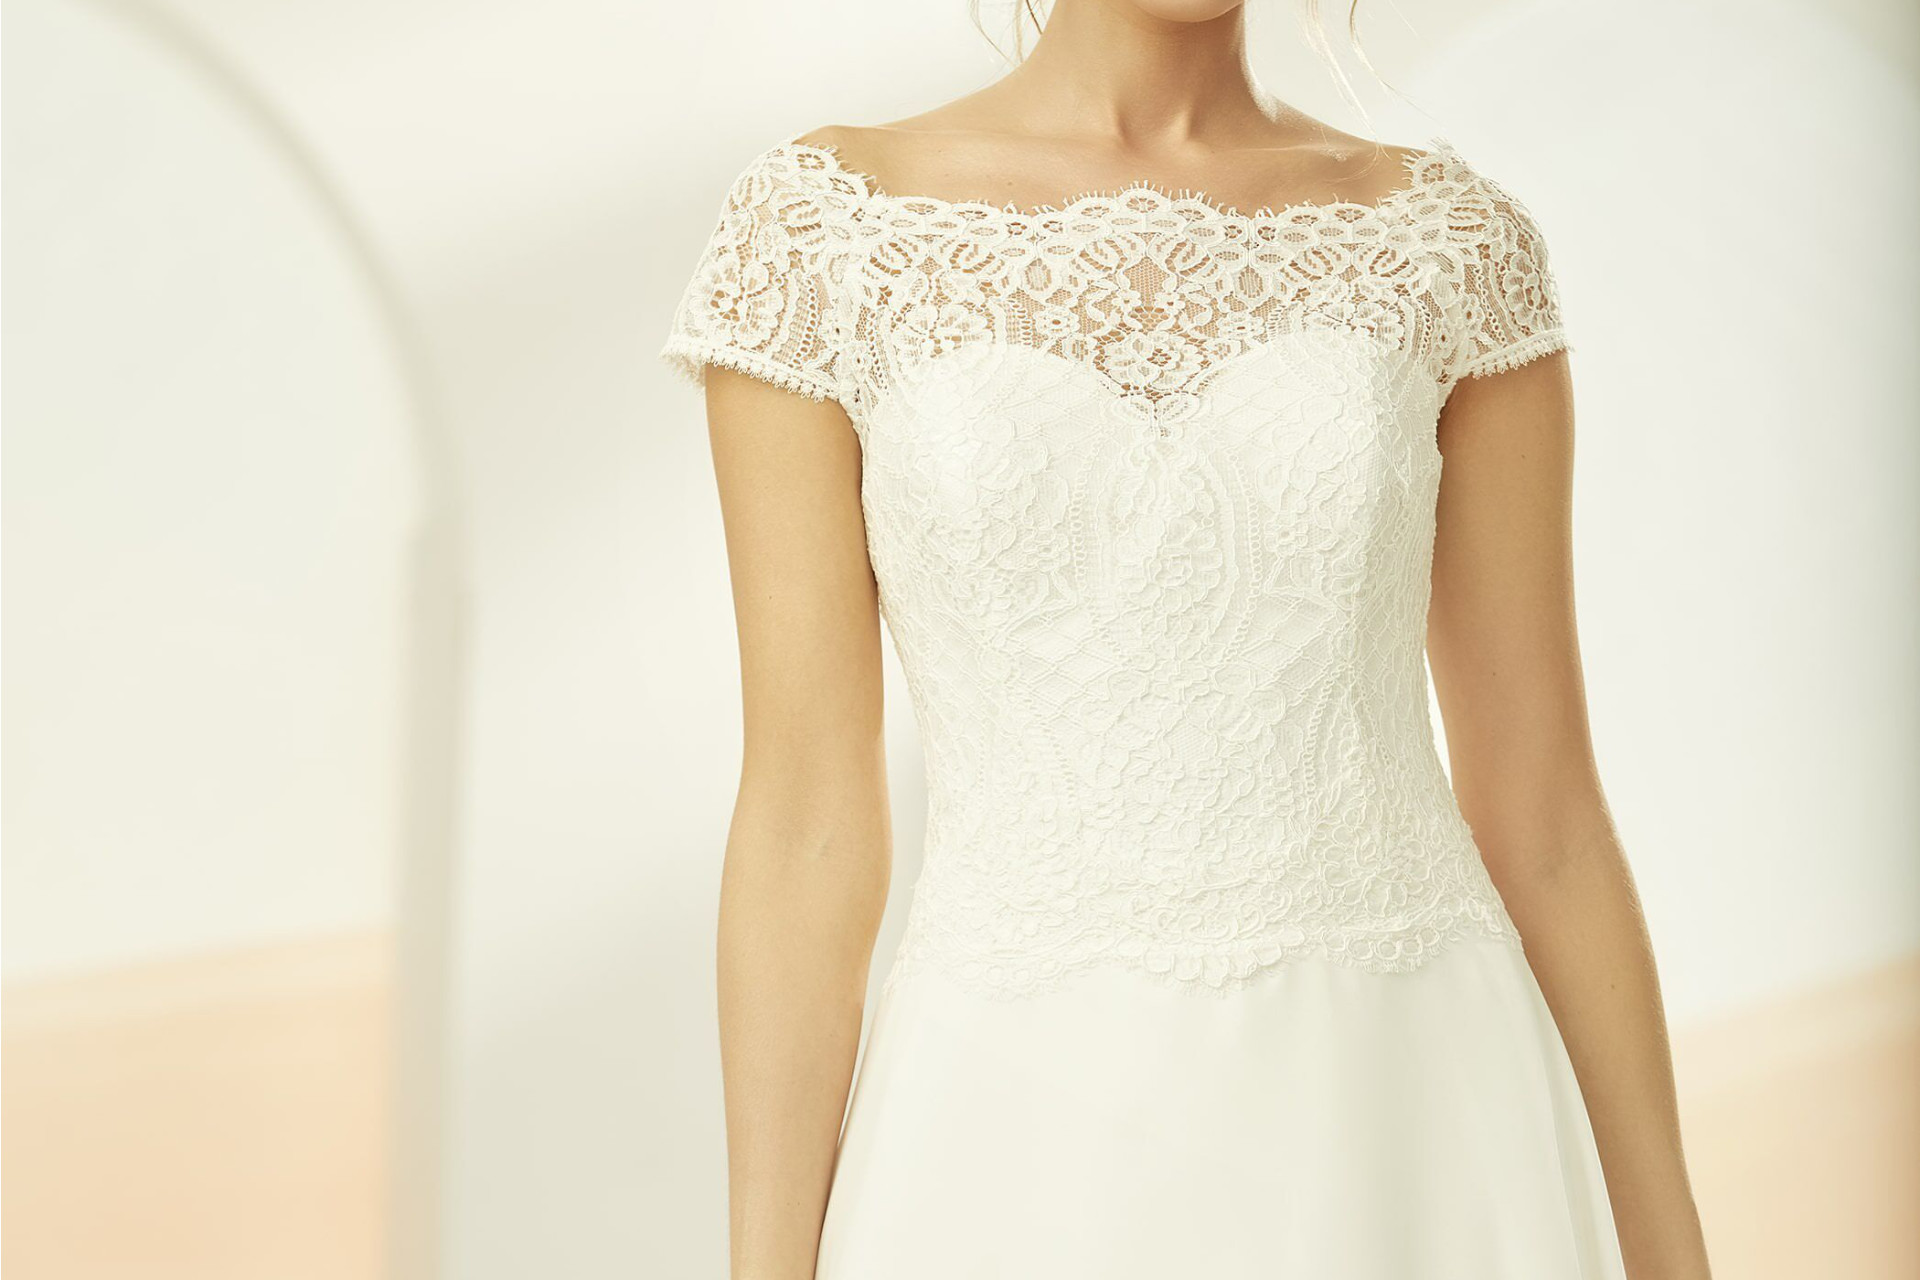 Model utprøver bryllupskjole